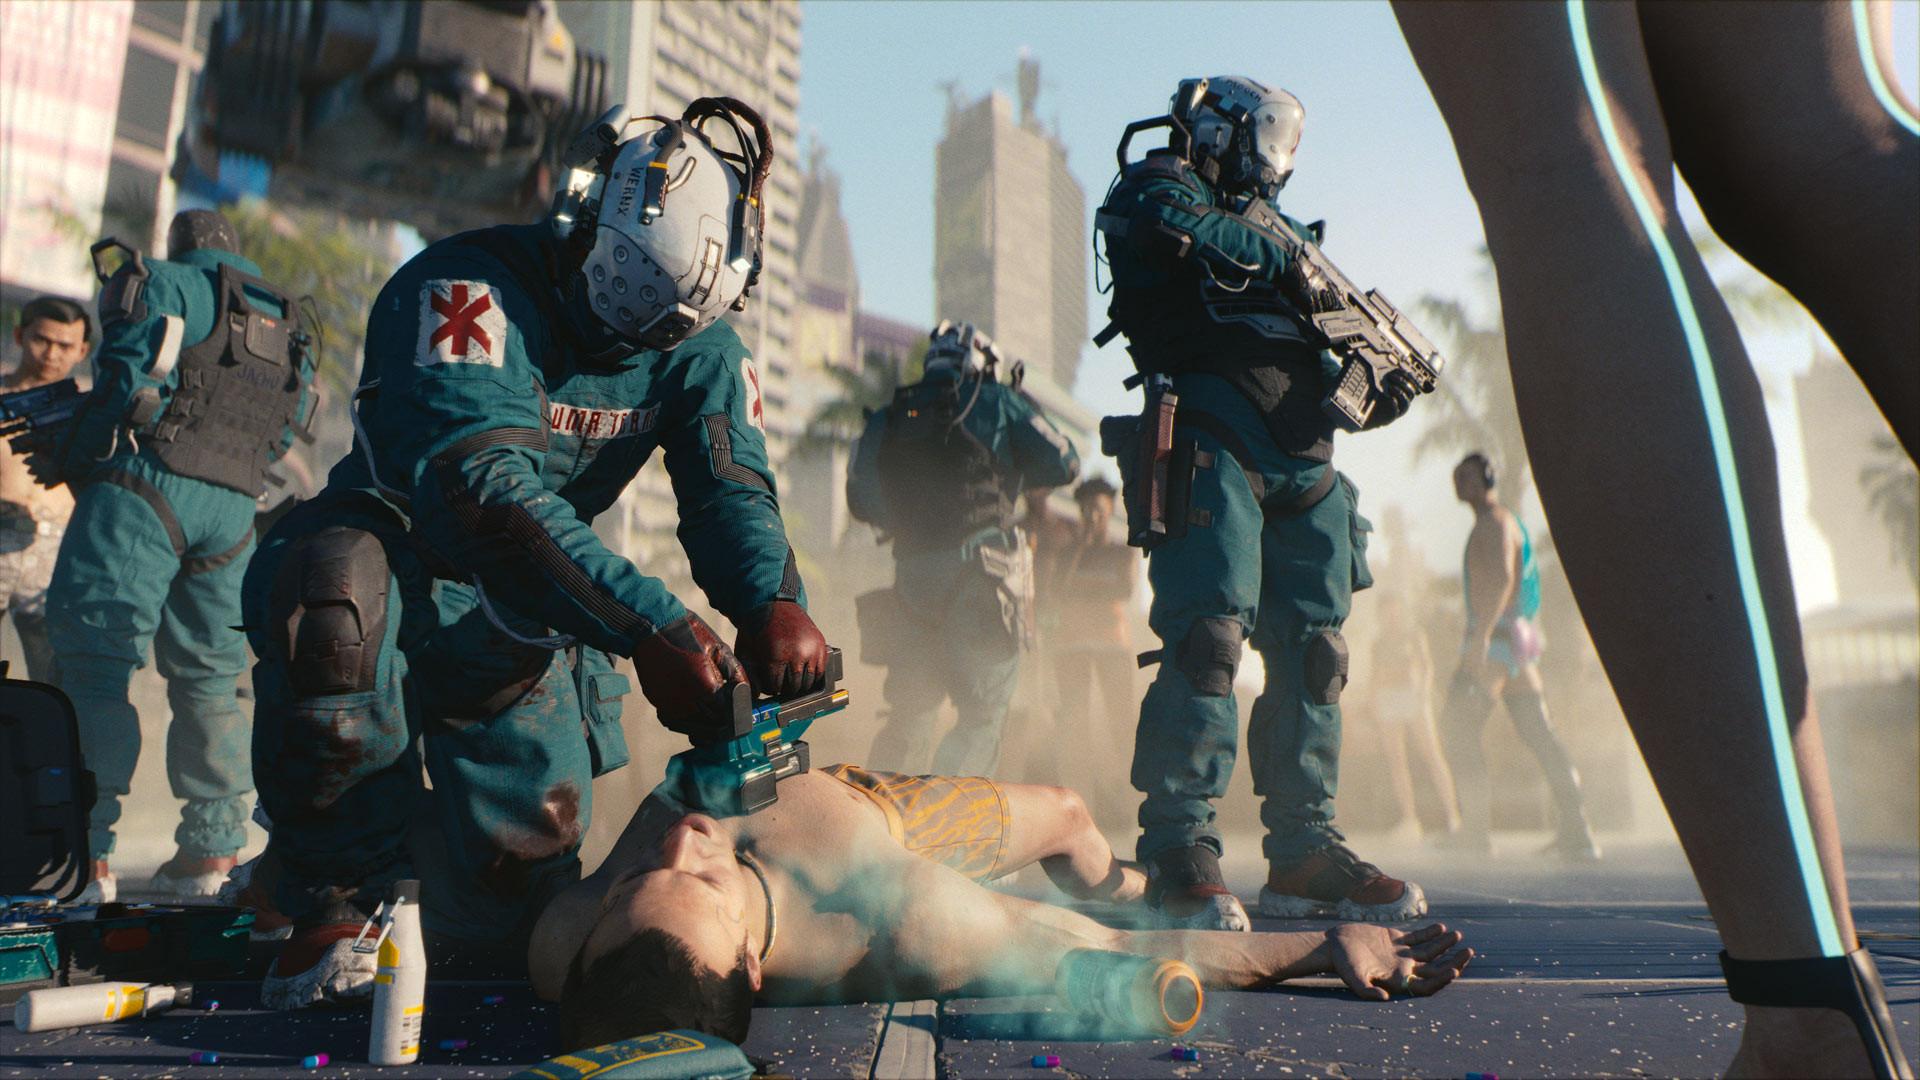 Действия игрока в Cyberpunk 2077 будут иметь последствия и влиять на окружение